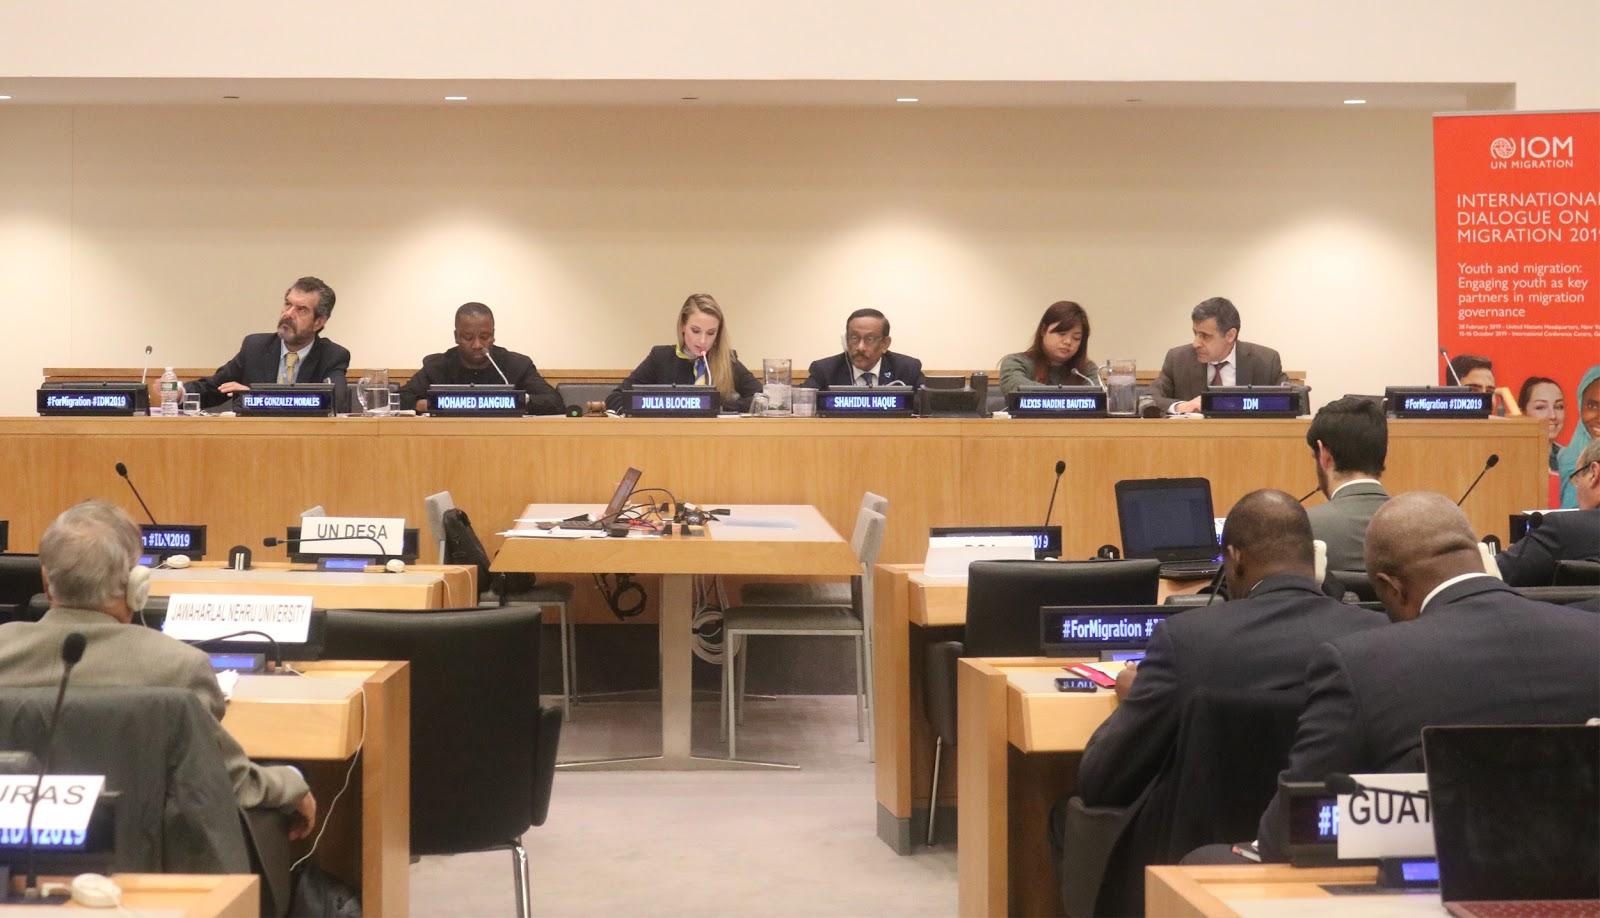 معالي السيدة جوليا بلوتشر رئيس الإتحاد الدولي للشباب مترأساً الجلسة